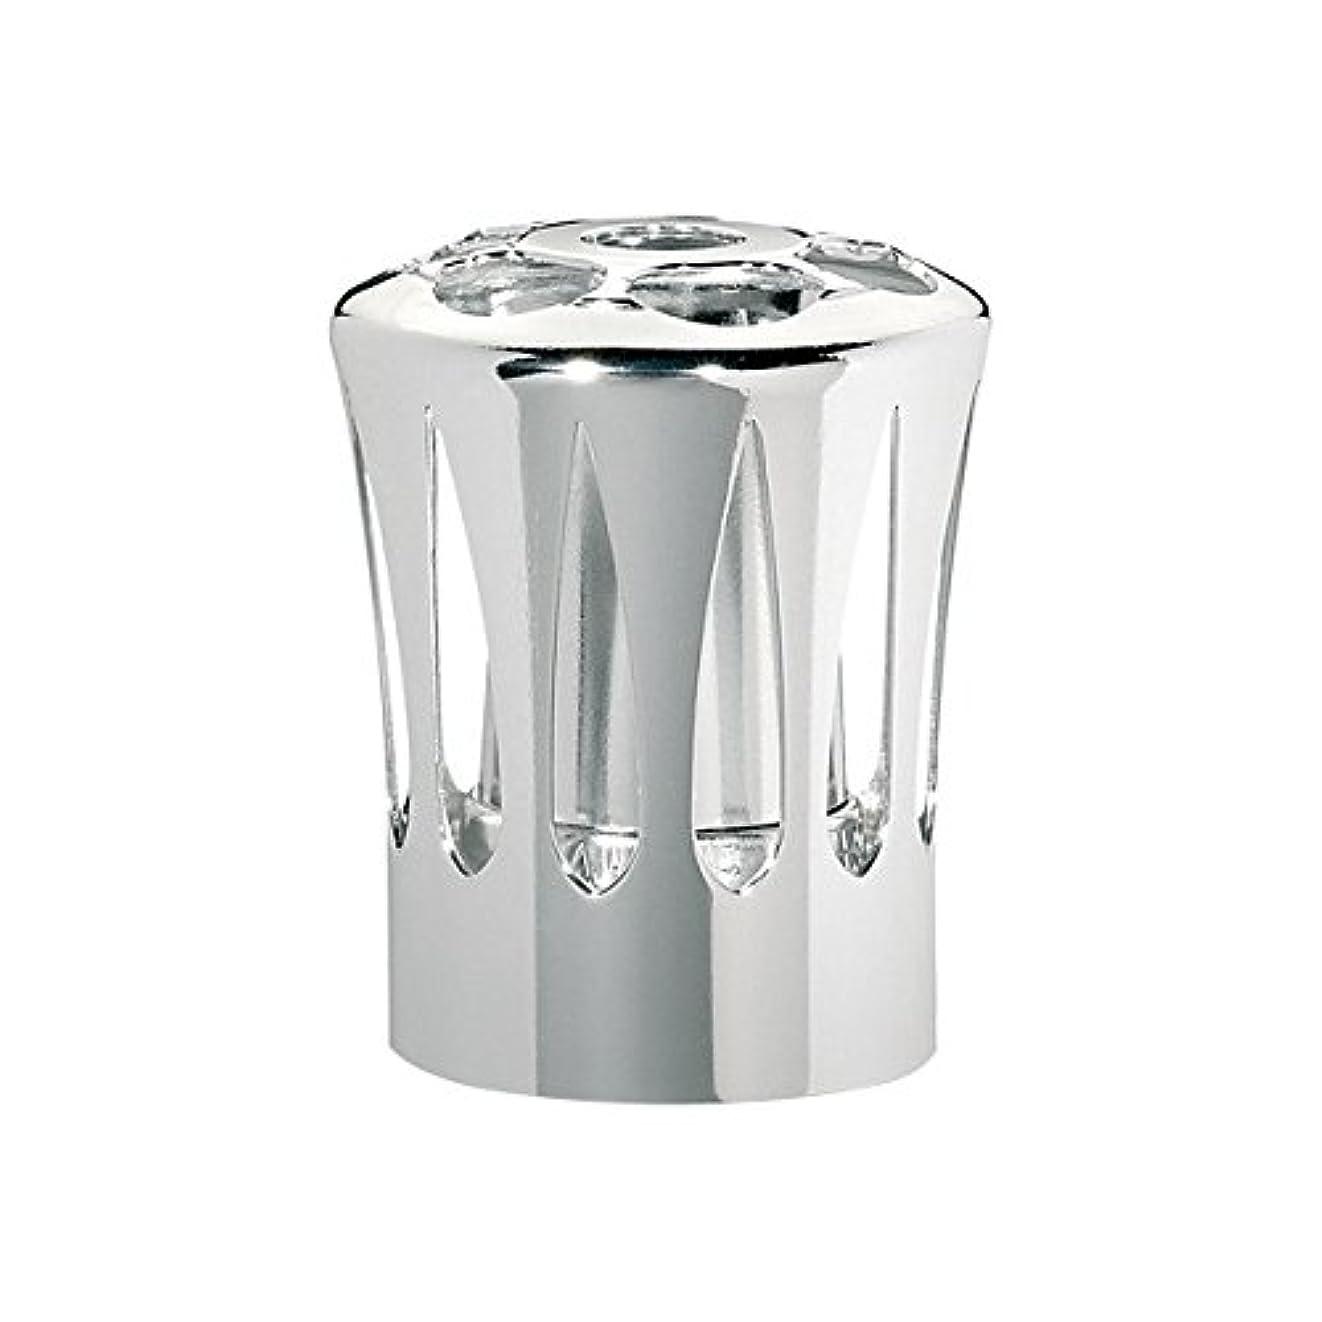 数値軽減する地質学ランプベルジェ(LAMPE BERGER) 安全キャップ【正規輸入品】飾り蓋シルバー